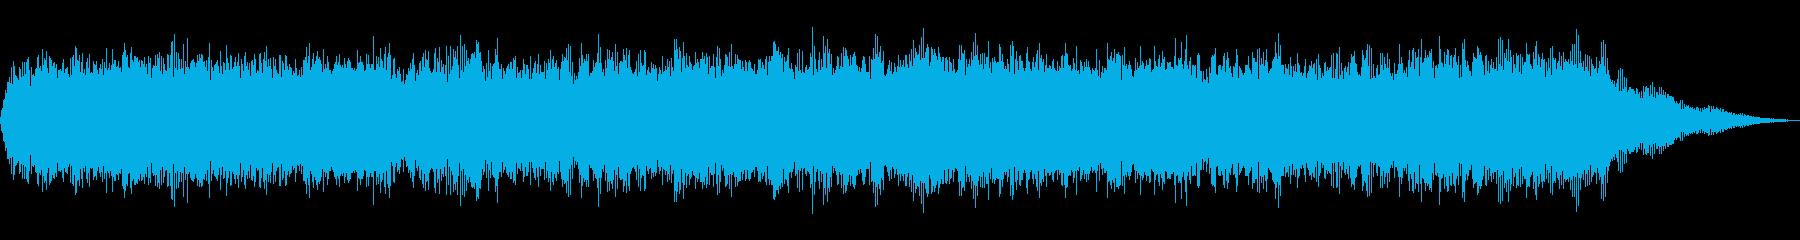 お悩み解決系15秒ジングル Ver.02の再生済みの波形